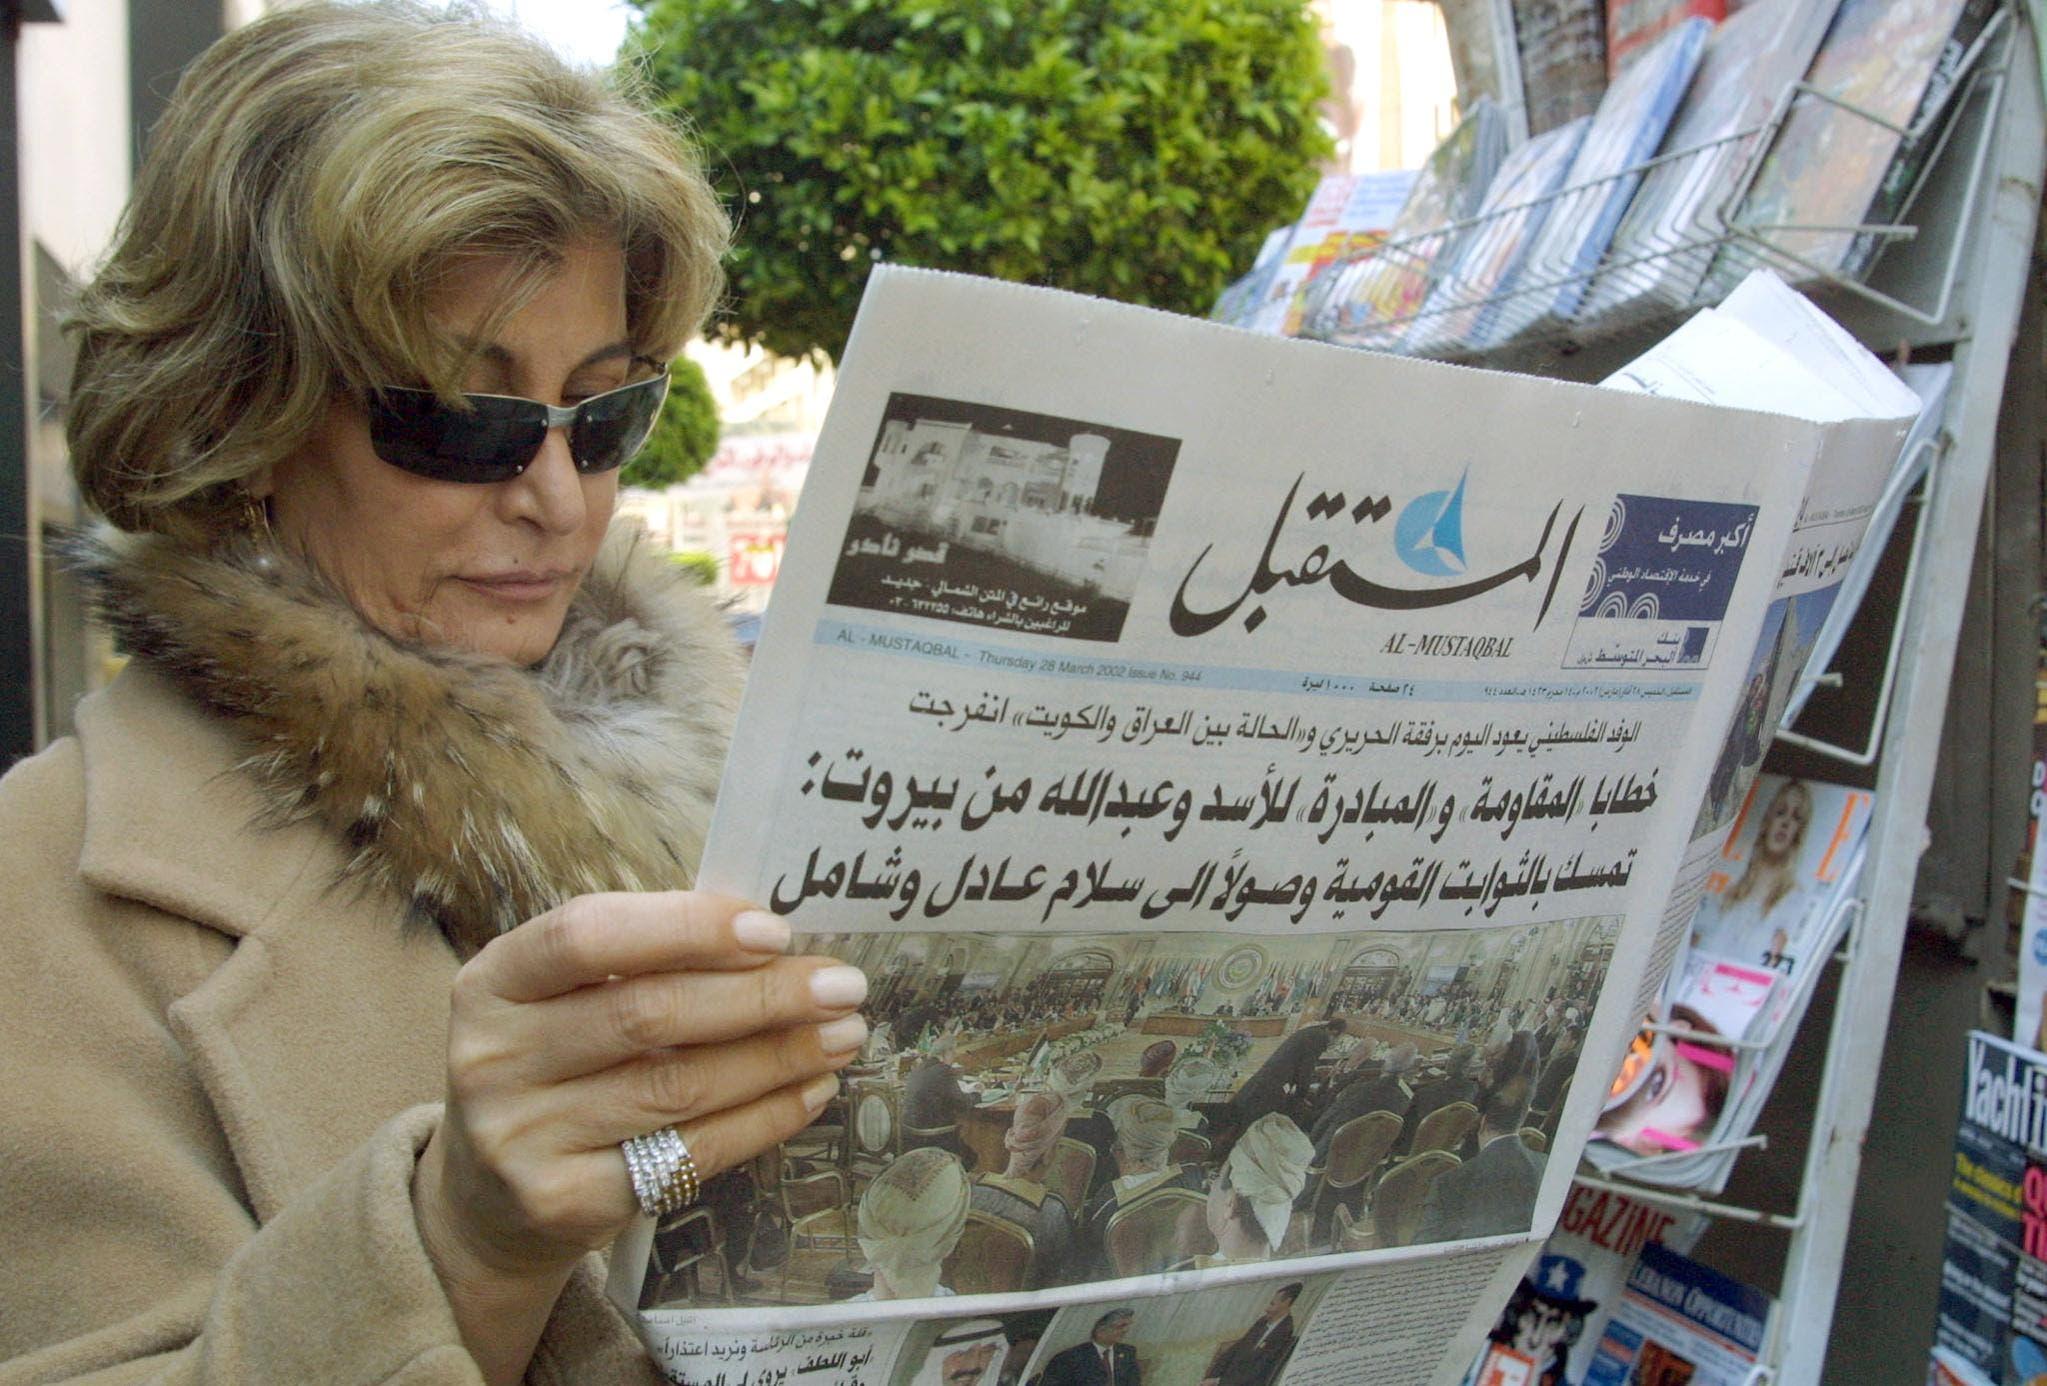 لبنانية تقرأ صحيفة عقب القمة العربية في بيروت 2002